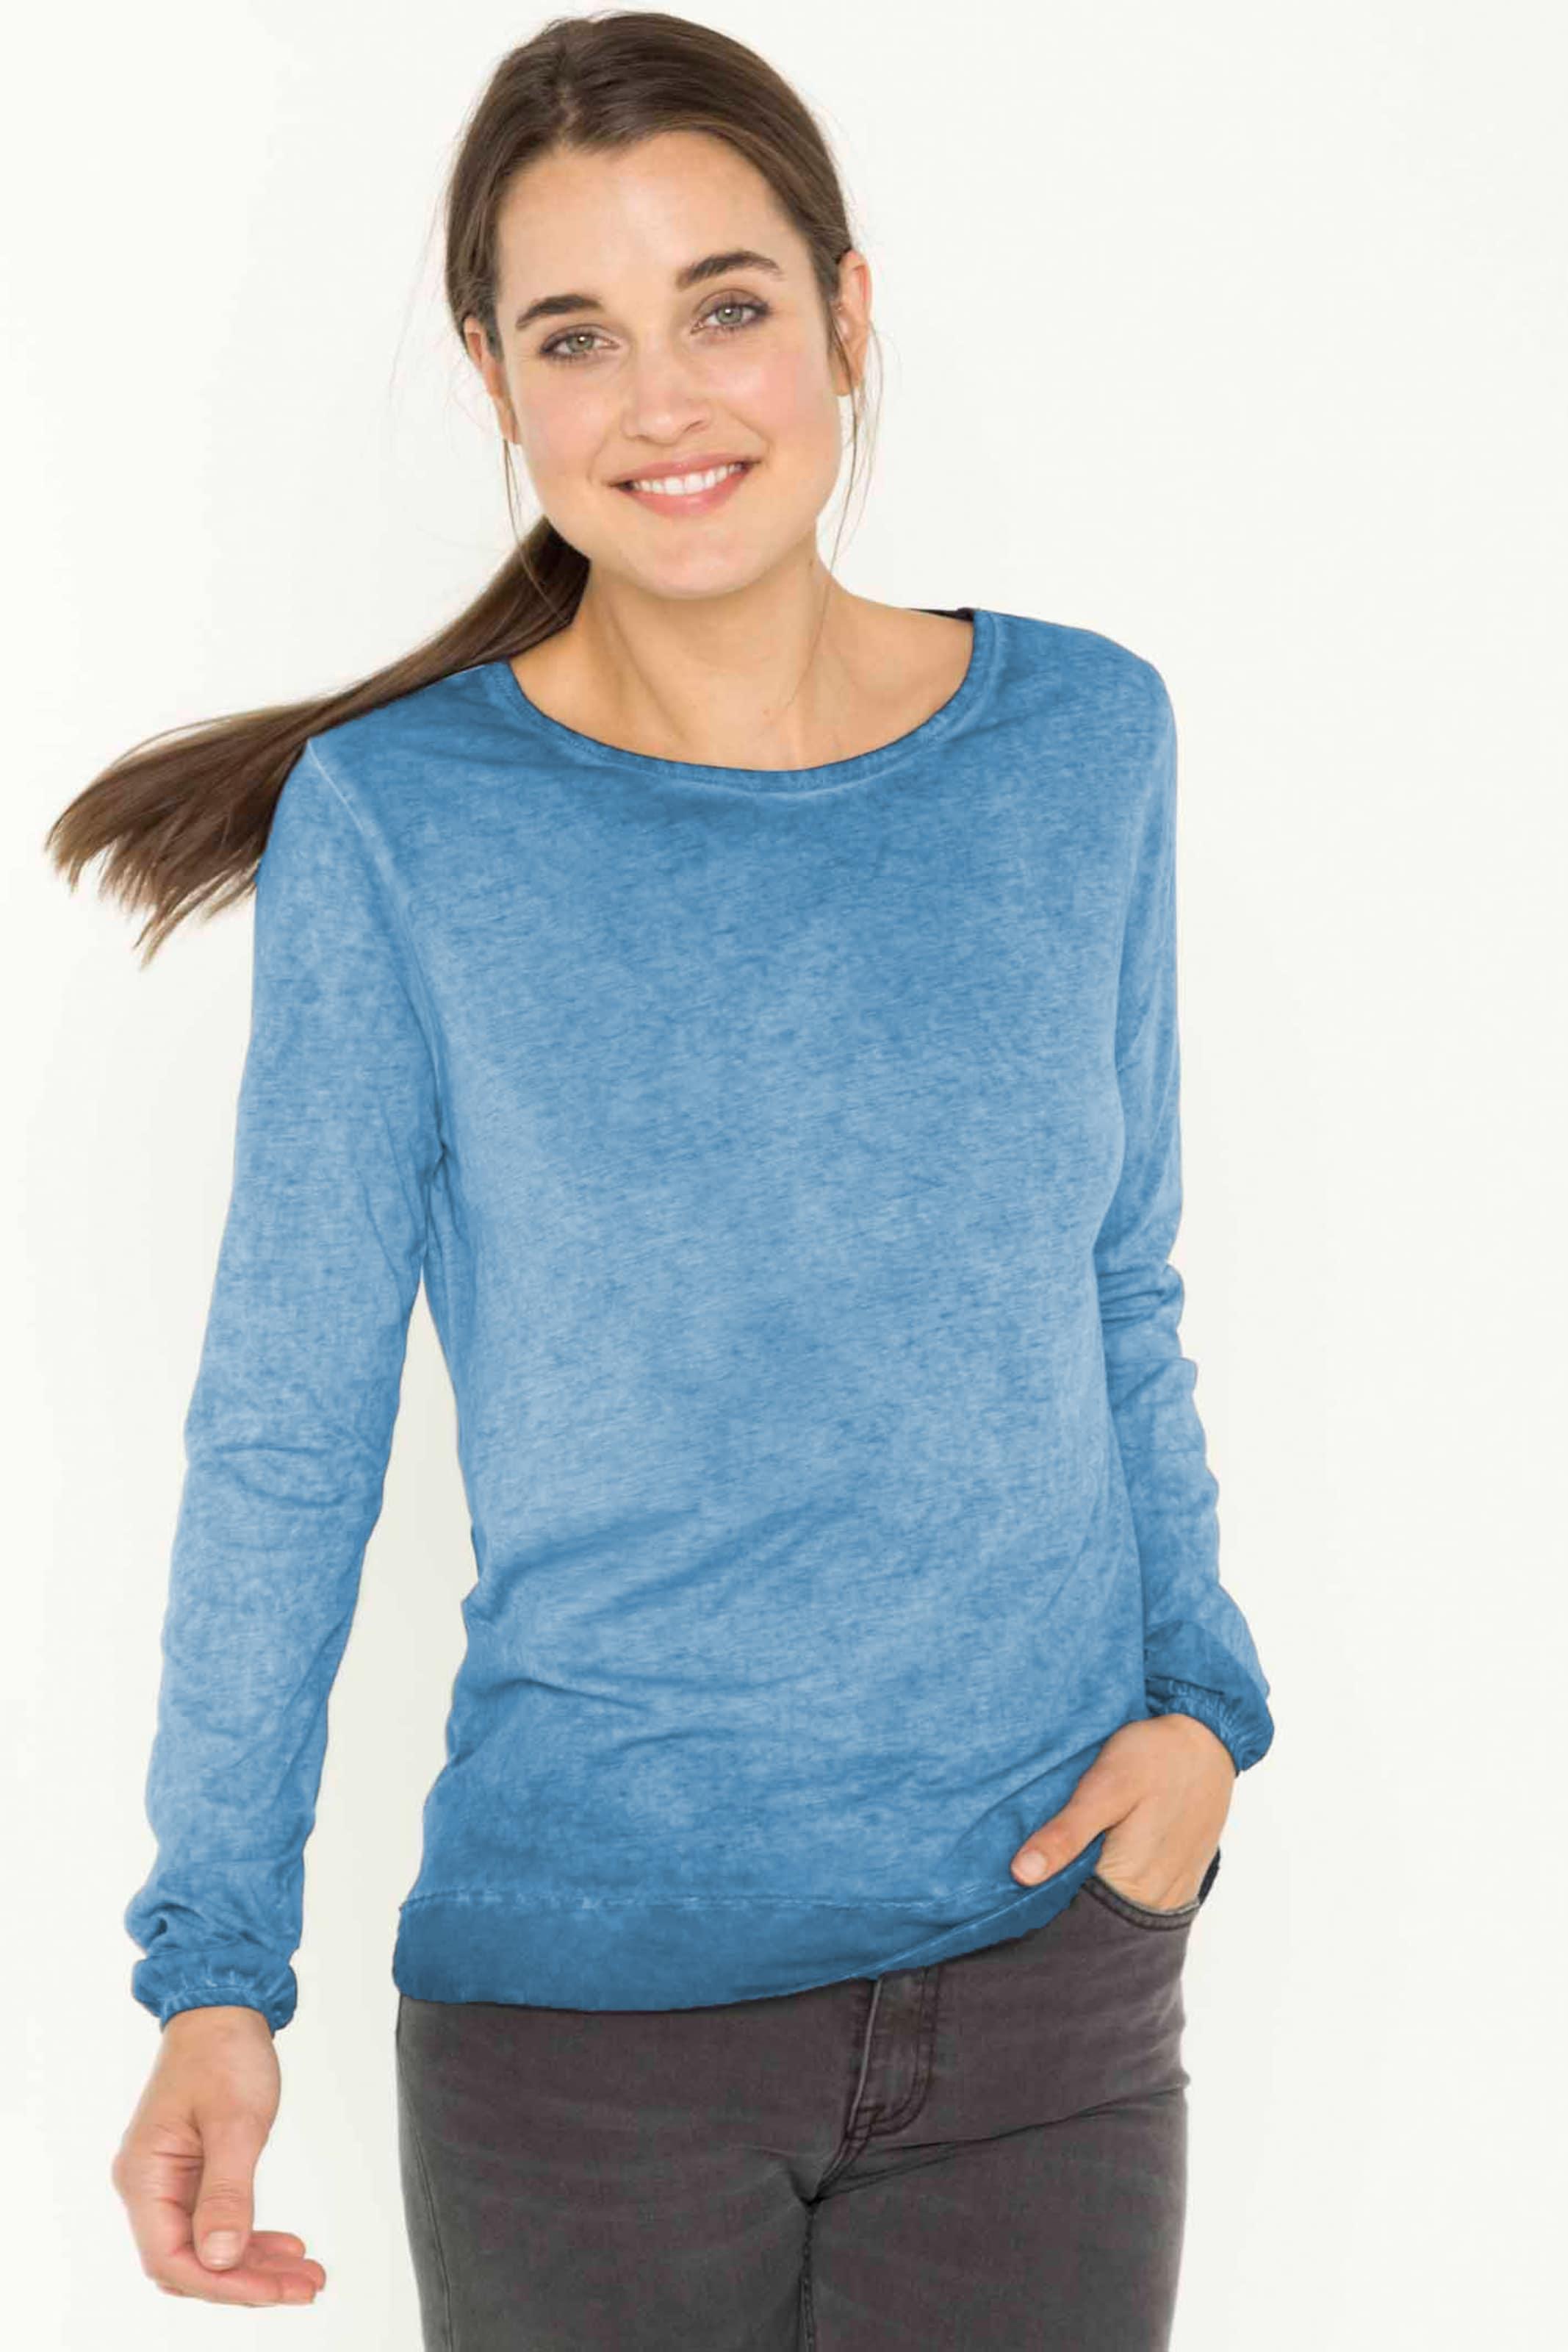 'carina' Life For Longsleeve In Blau Shirts oeWEQCrdxB